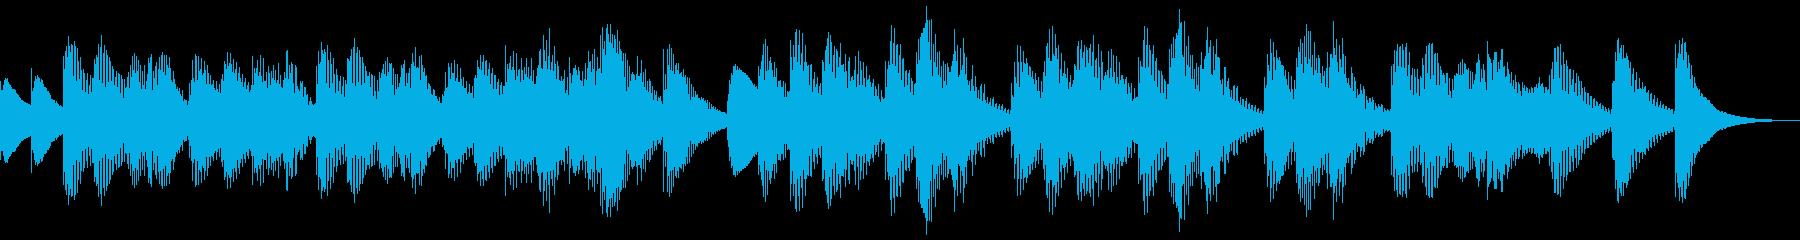 ヴィヴァルディ「春」軽やかマリンバの再生済みの波形